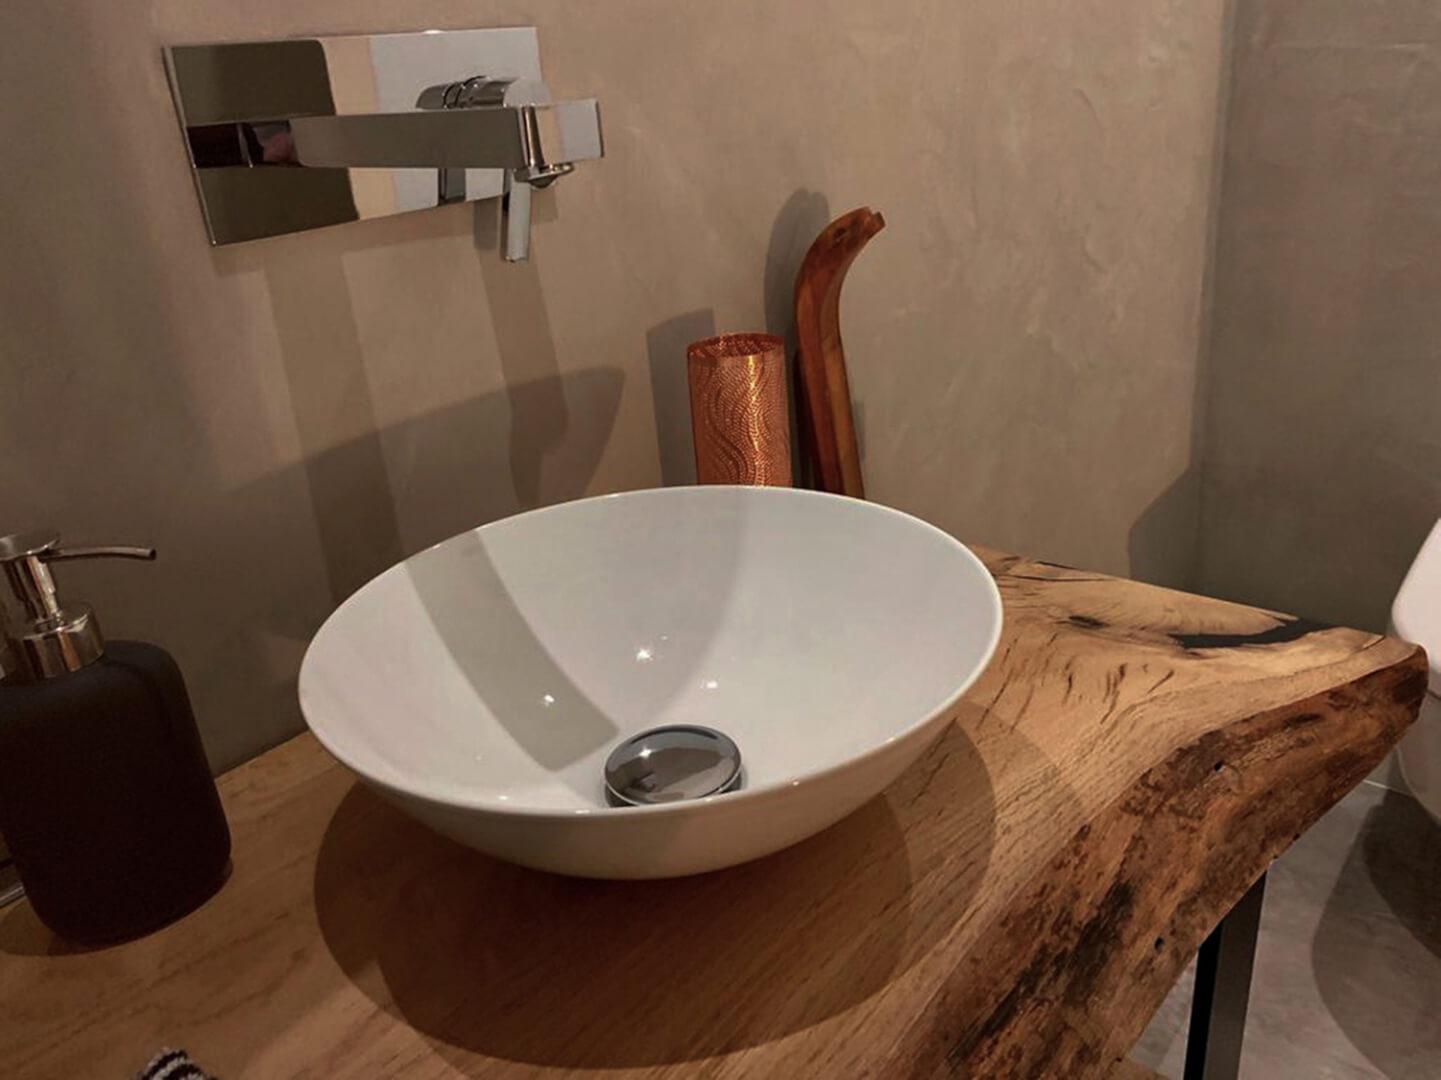 Waschbecken | Waschtisch Kommode | für Badezimmer